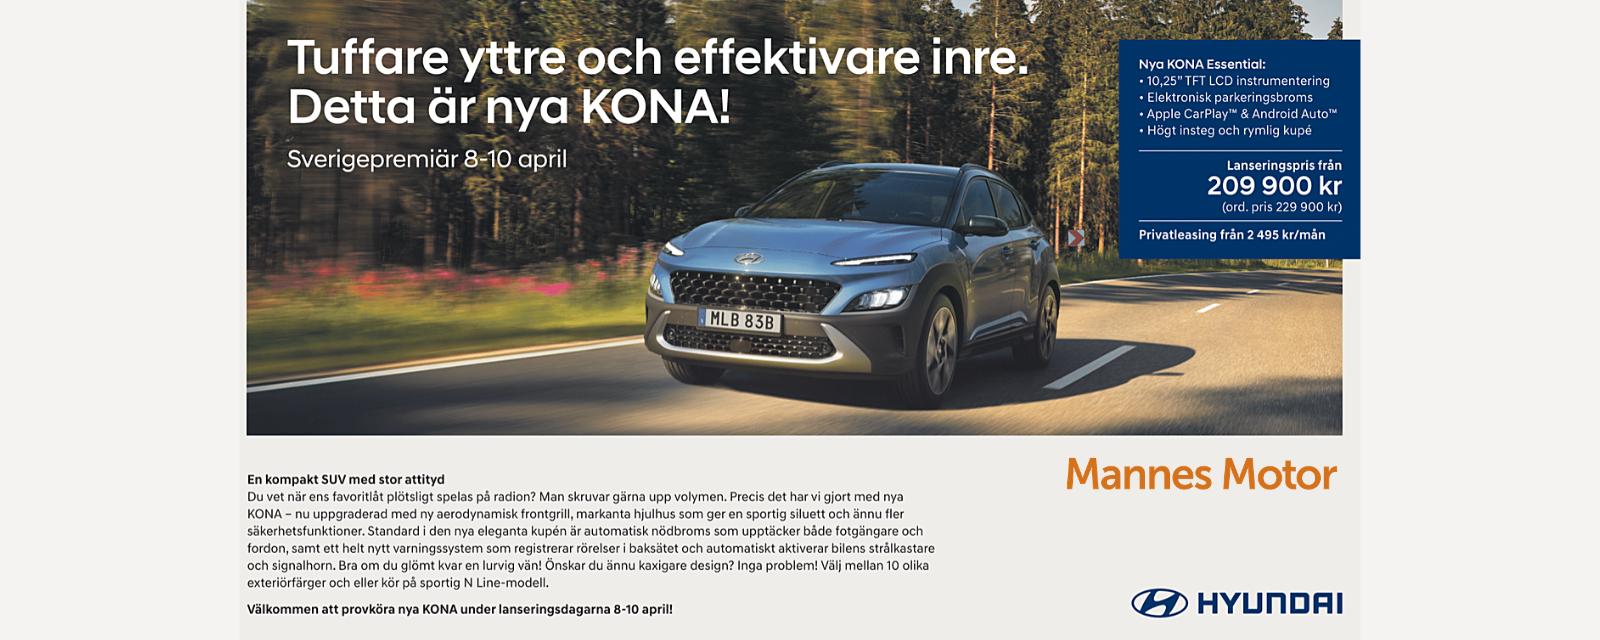 Hyundai KONA, Mannes Motor